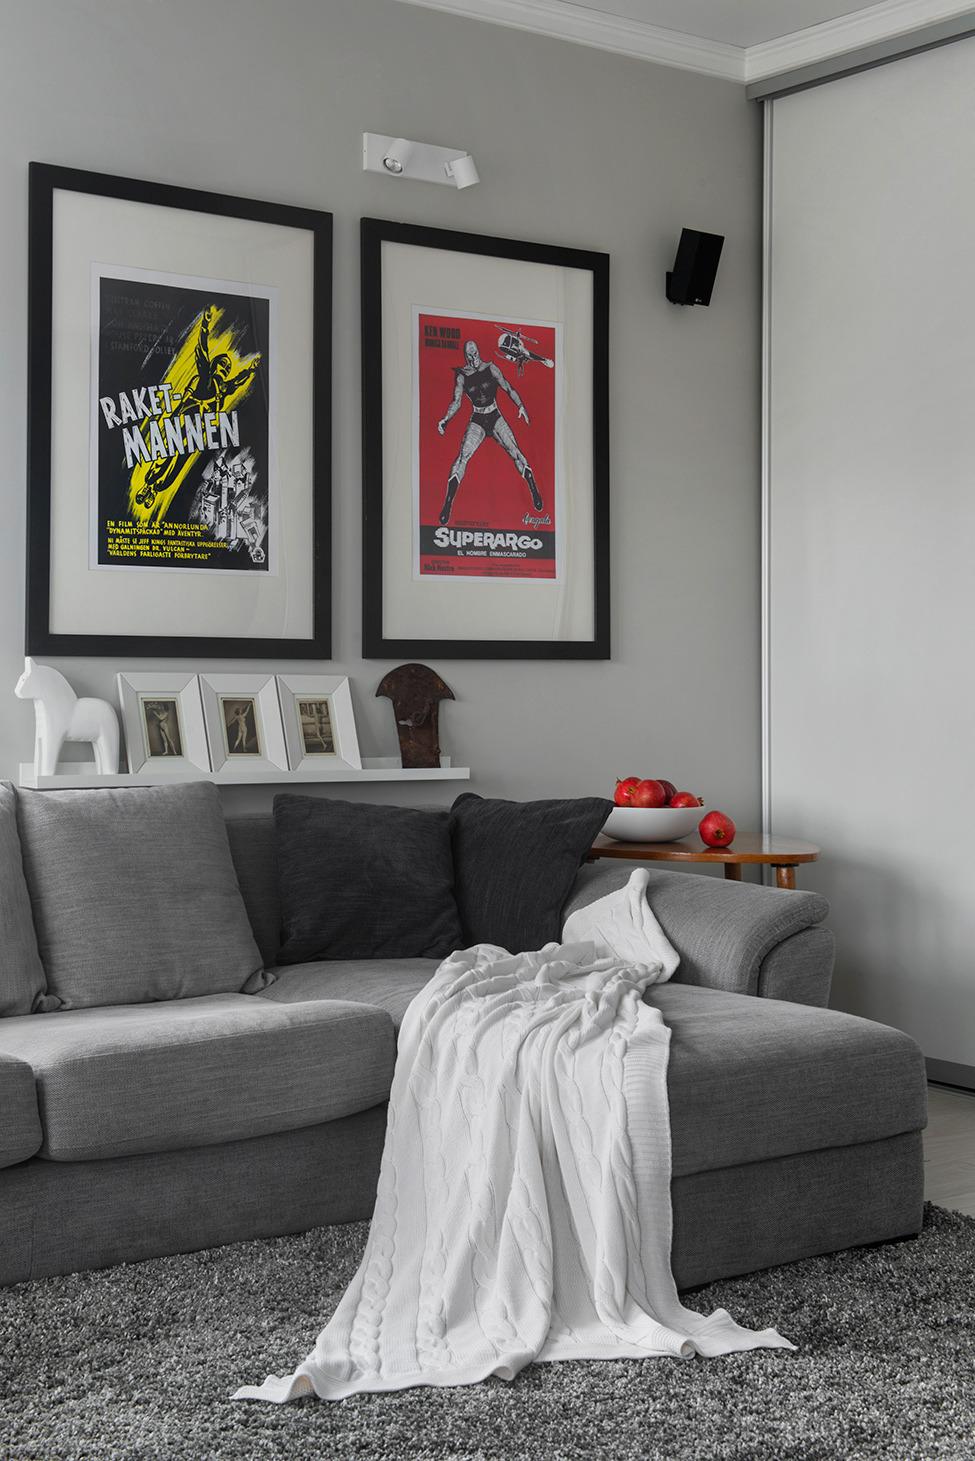 Постеры на стене в гостиной